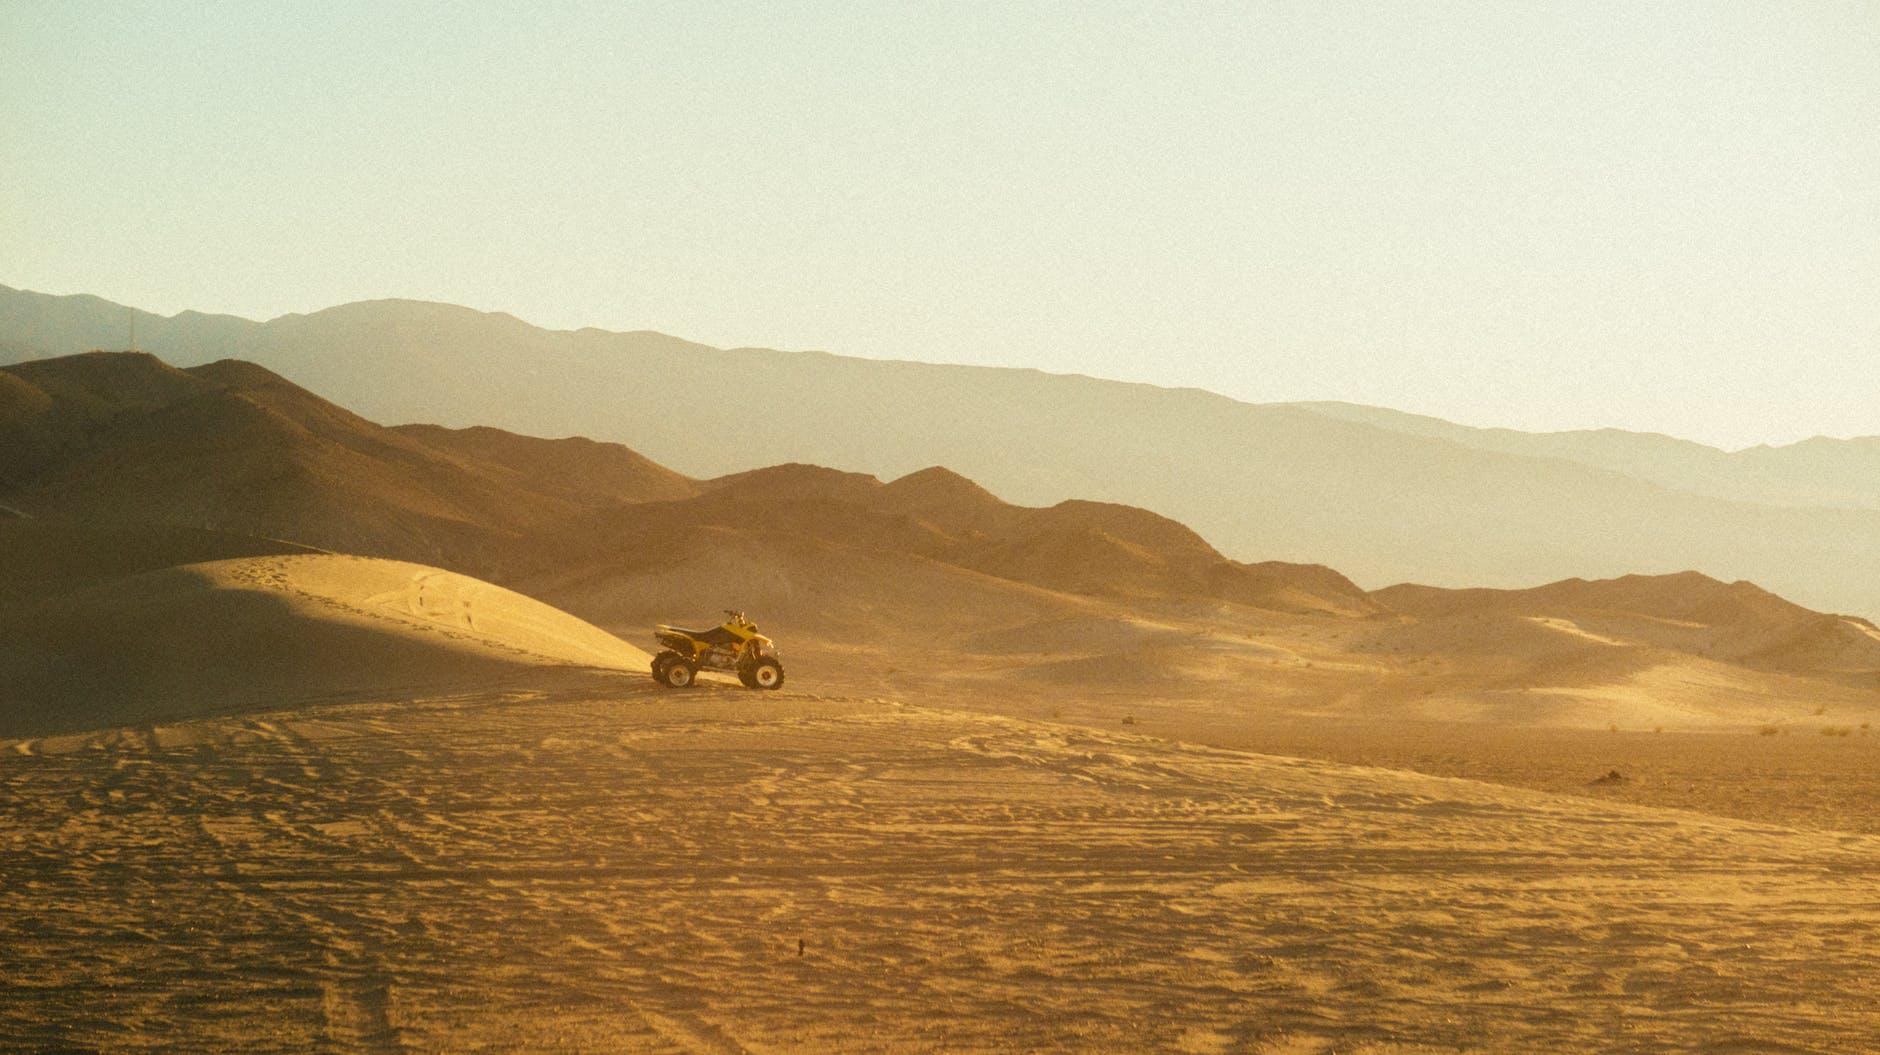 Quad Bike In Desert of Dubai